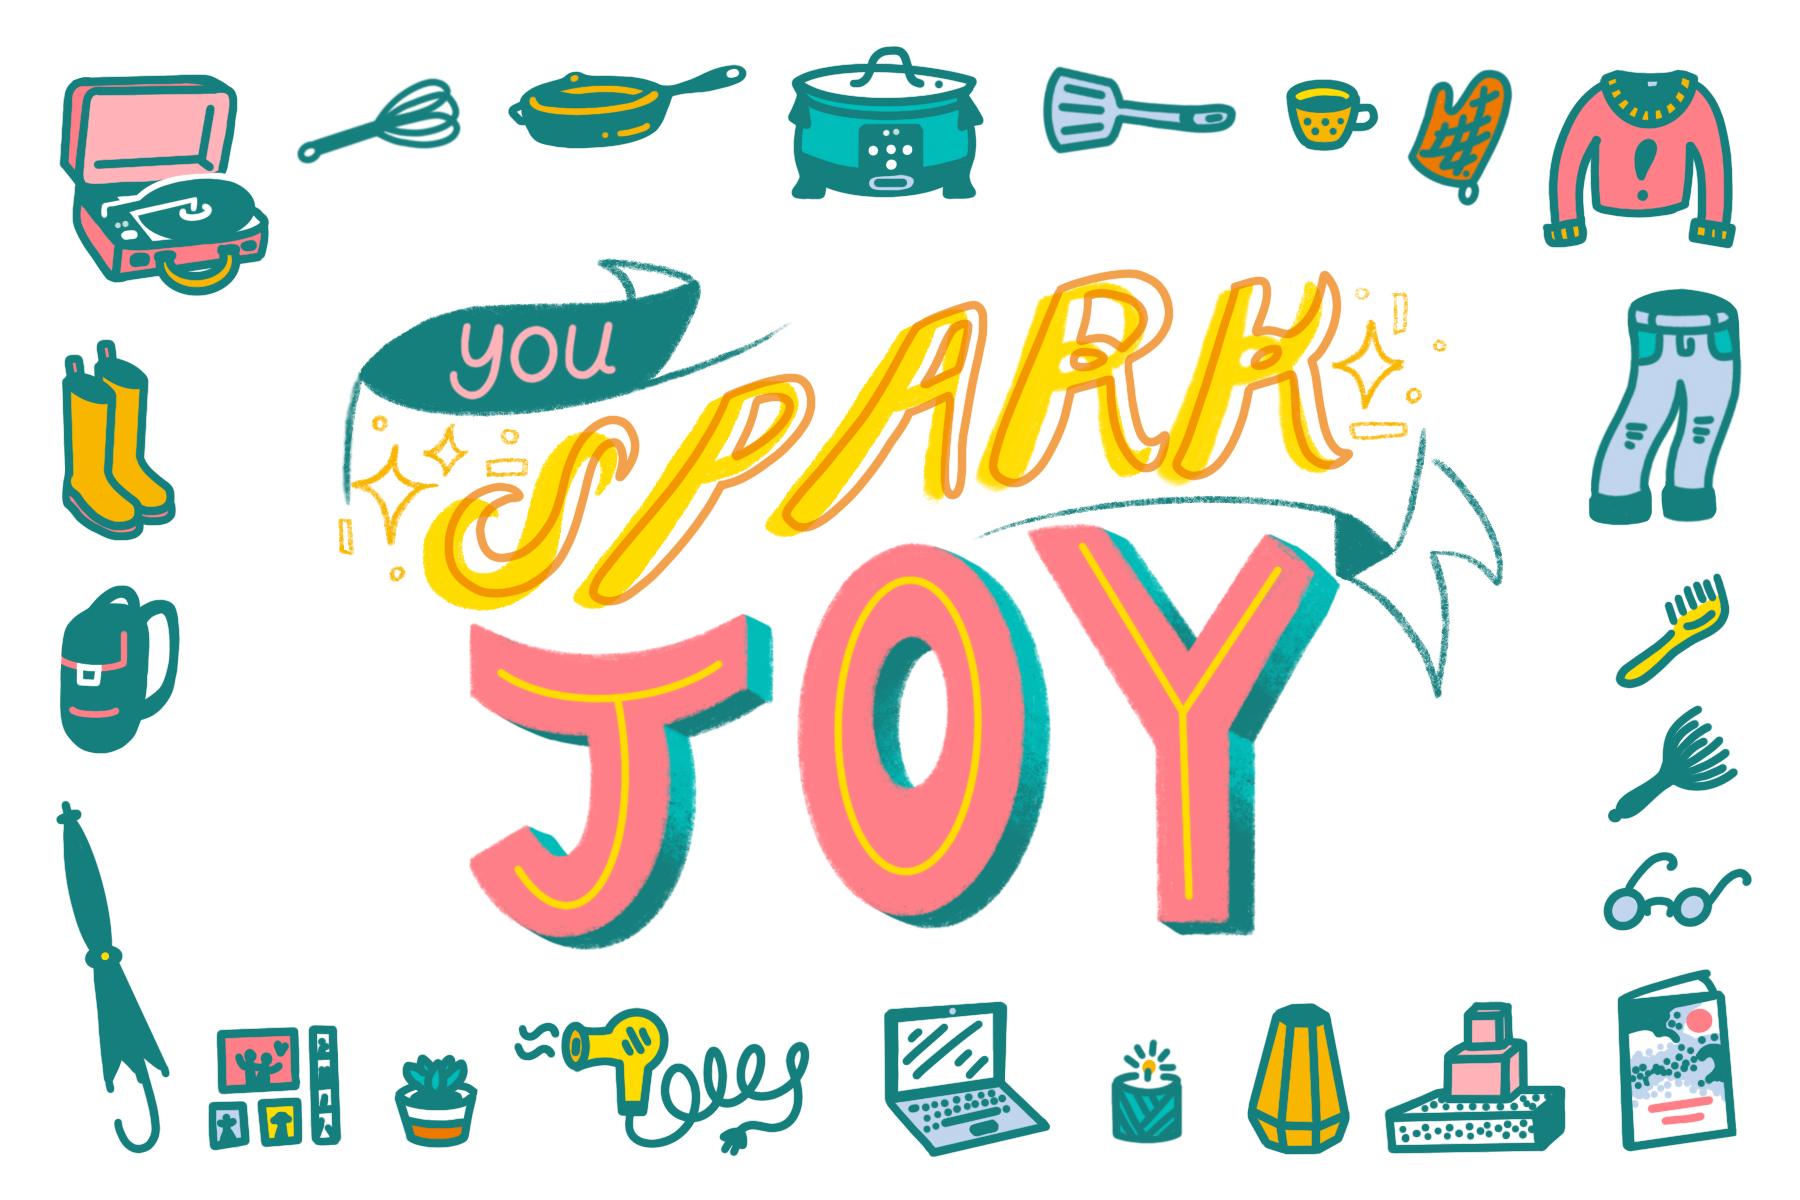 You Spark Joy Card.jpg